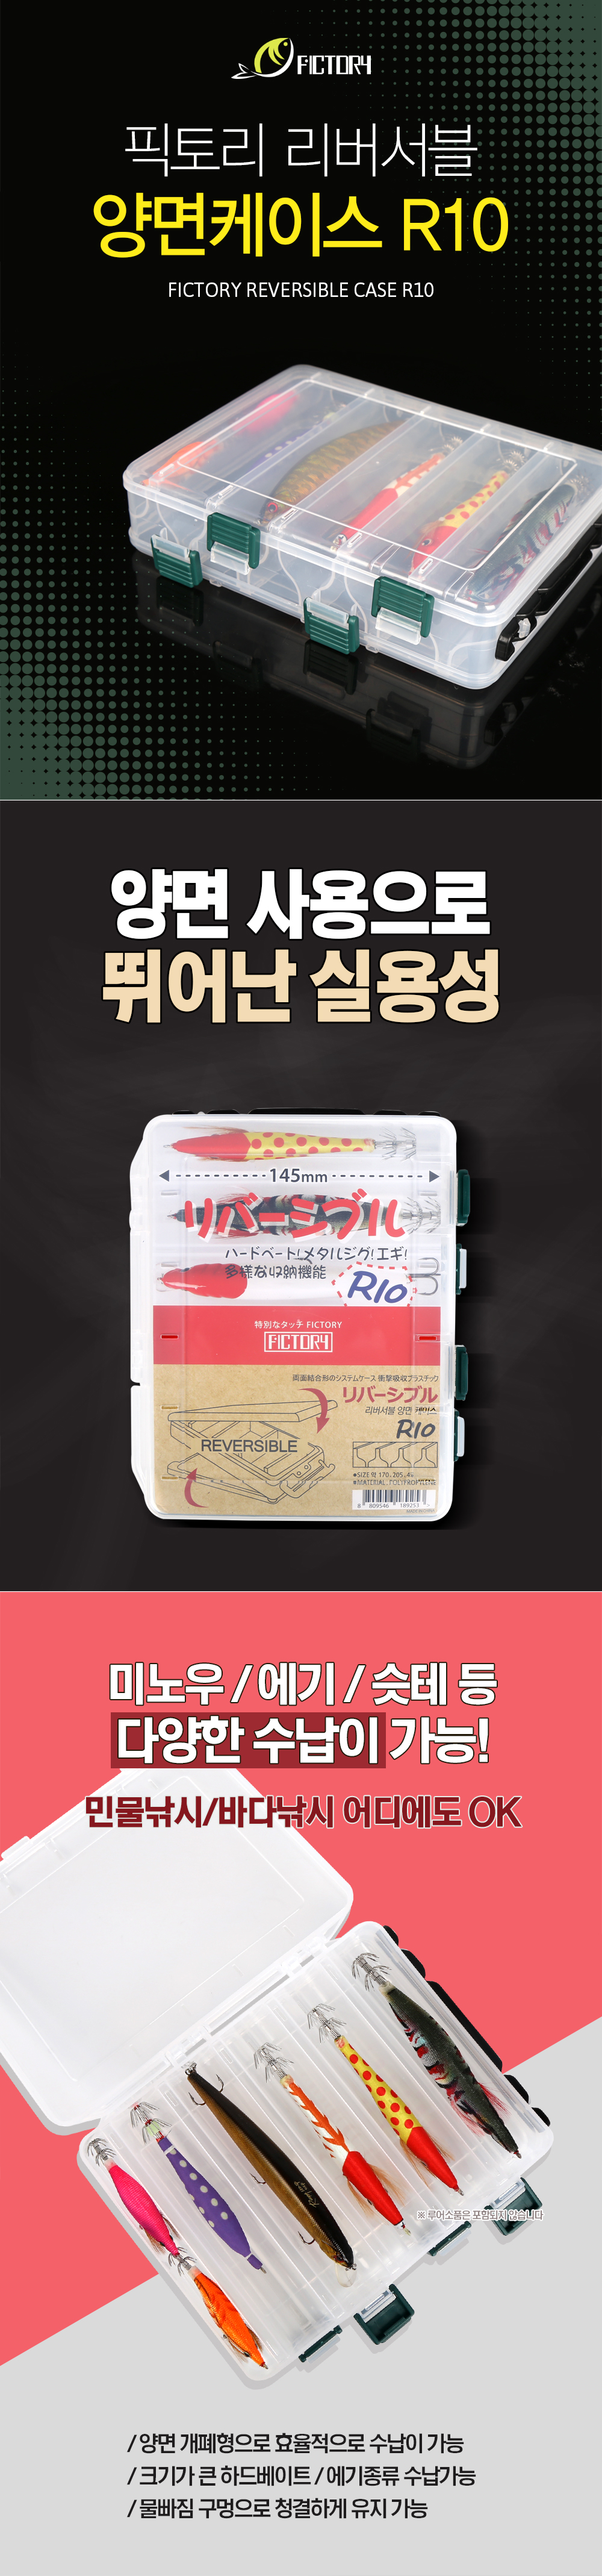 픽토리 리버서블 양면케이스 R10 테클박스 태클박스 양면태클박스 소품케이스 소품통 낚시소품함 공구함 파티션케이스 메이호 리버서블 에기케이스 애기케이스 에기태클박스 애기테클박스 미노우케이스 미노우태클박스